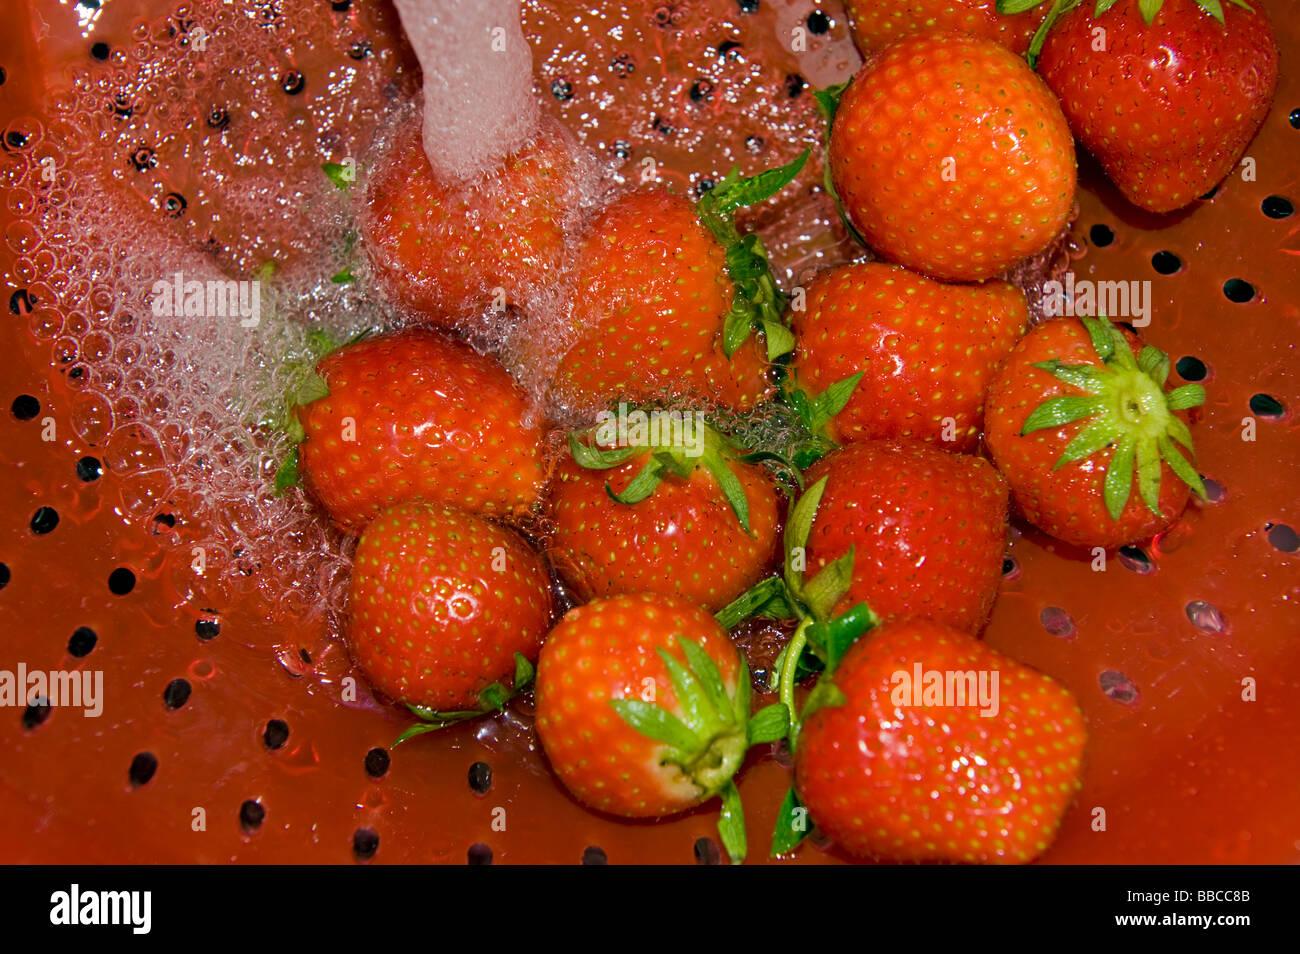 Fraise fraises laver écran riddle tamis tamis nettoyer nettoyage jet d'arrosage de l'eau de cuisson cook cuisine rouge préparer Banque D'Images